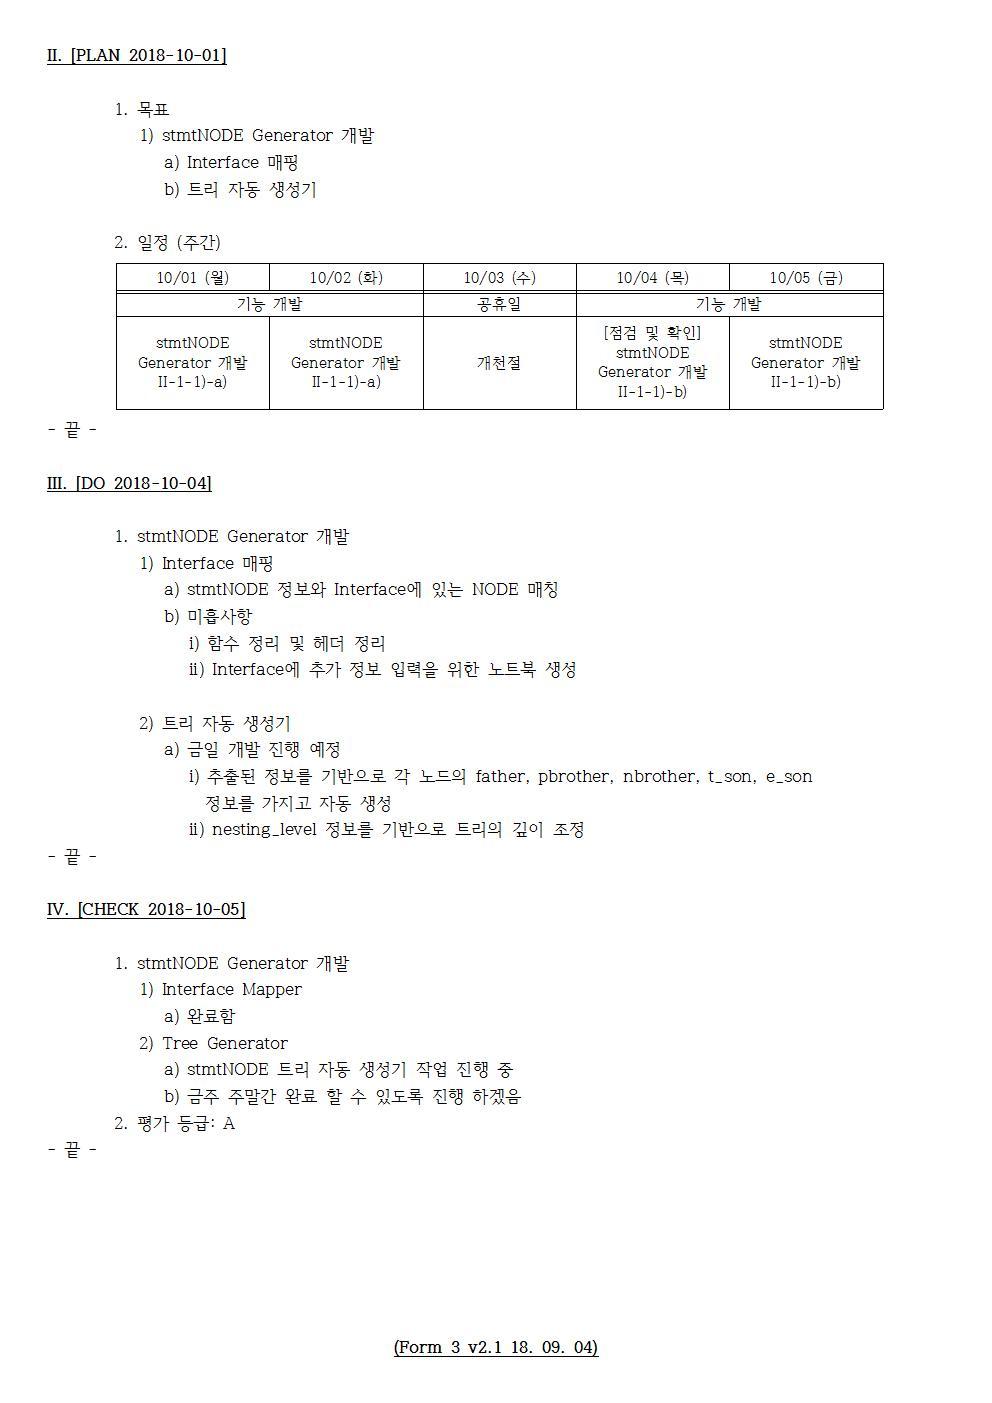 D-[18-003-RD-03]-[SRRE]-[2018-10-05][JS]002.jpg